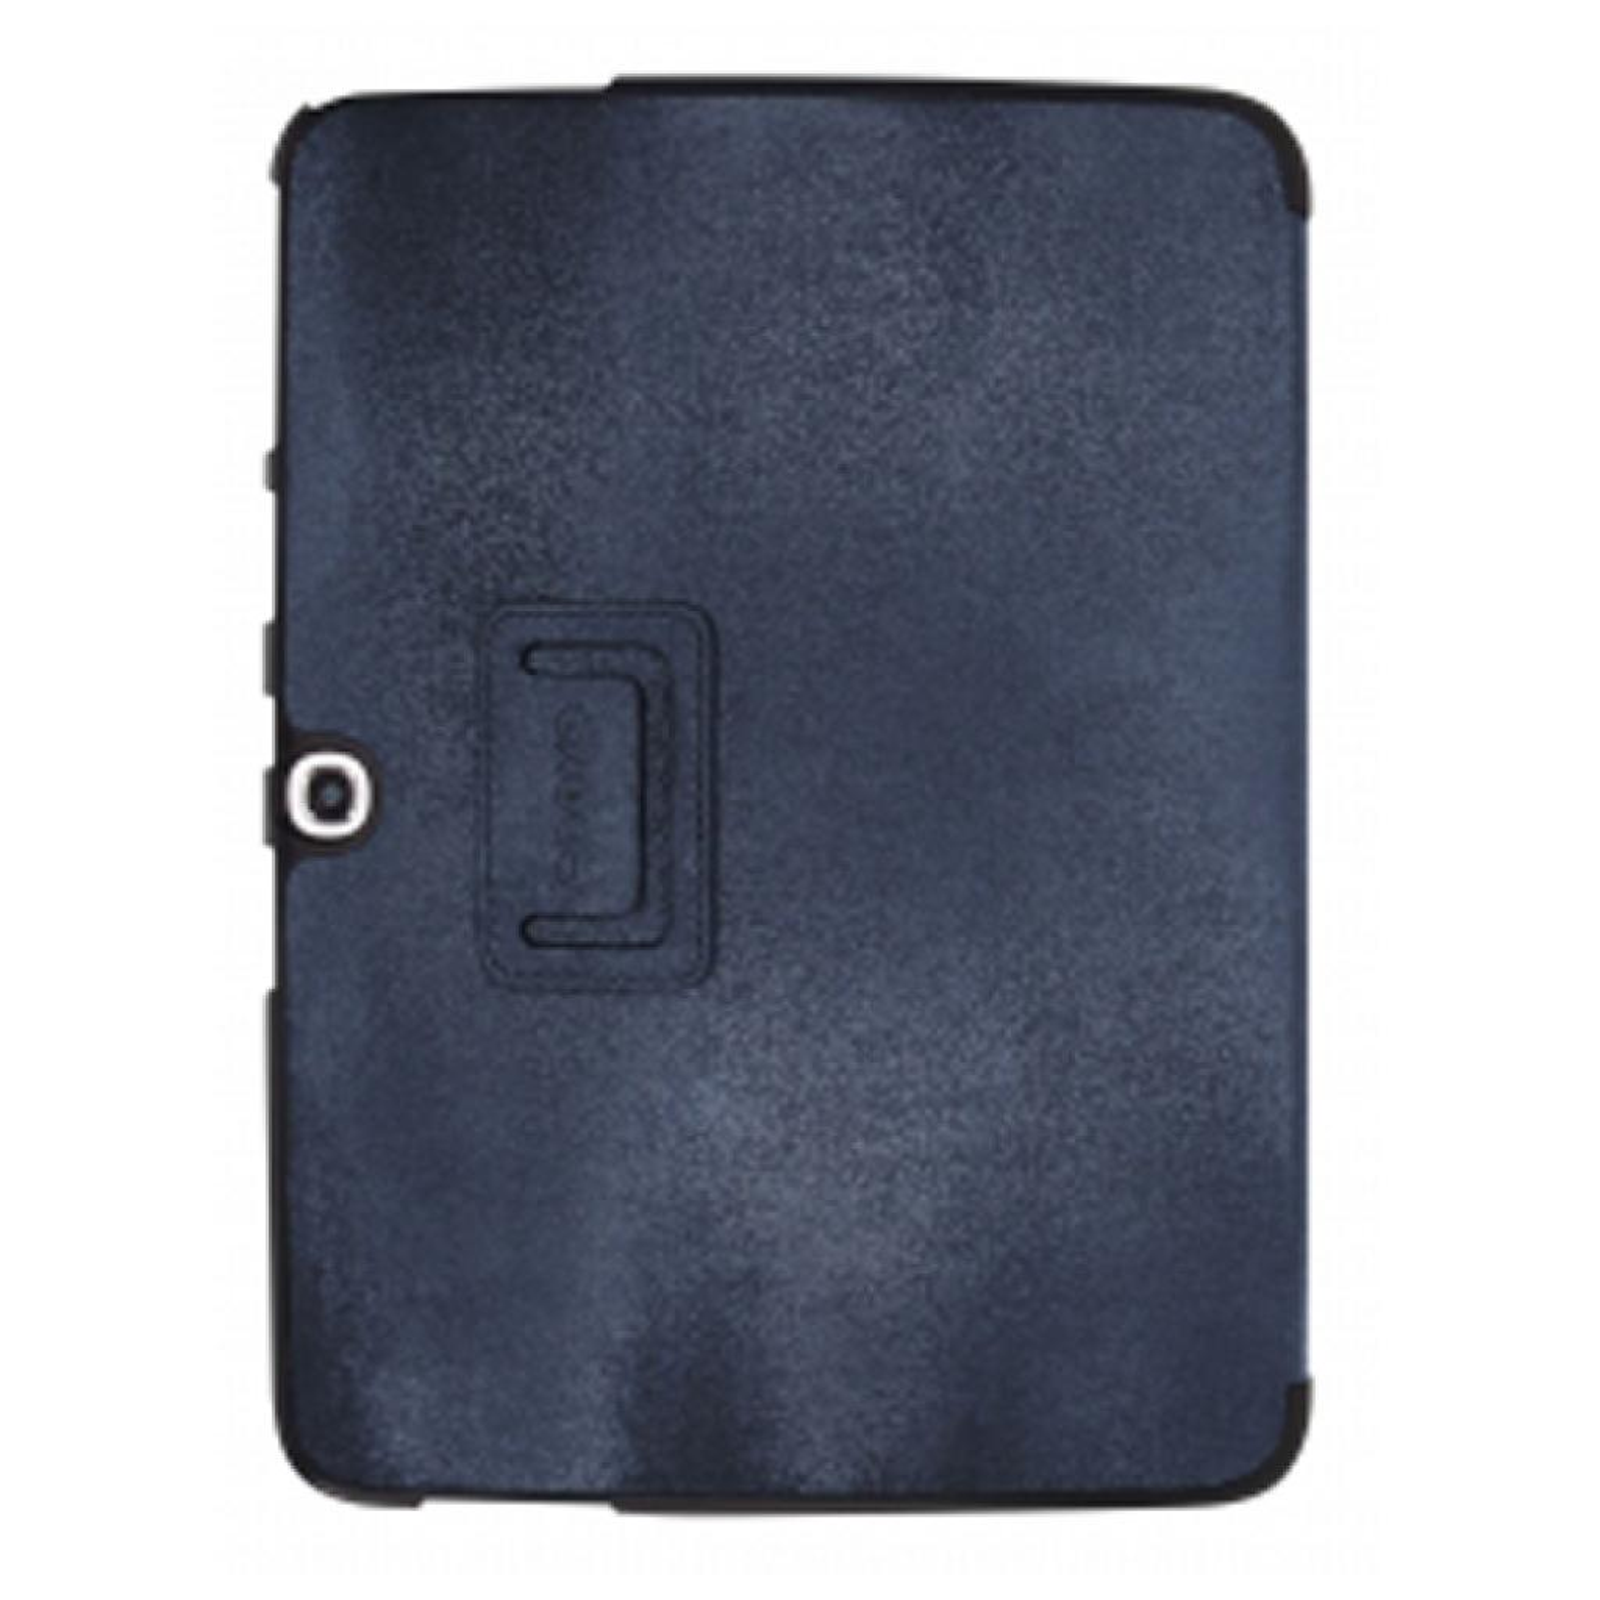 Чехол для планшета ODOYO Galaxy TabTAB3 10.1 /GLITZ COAT FOLIO NAVY BLUE (PH625BL) изображение 2